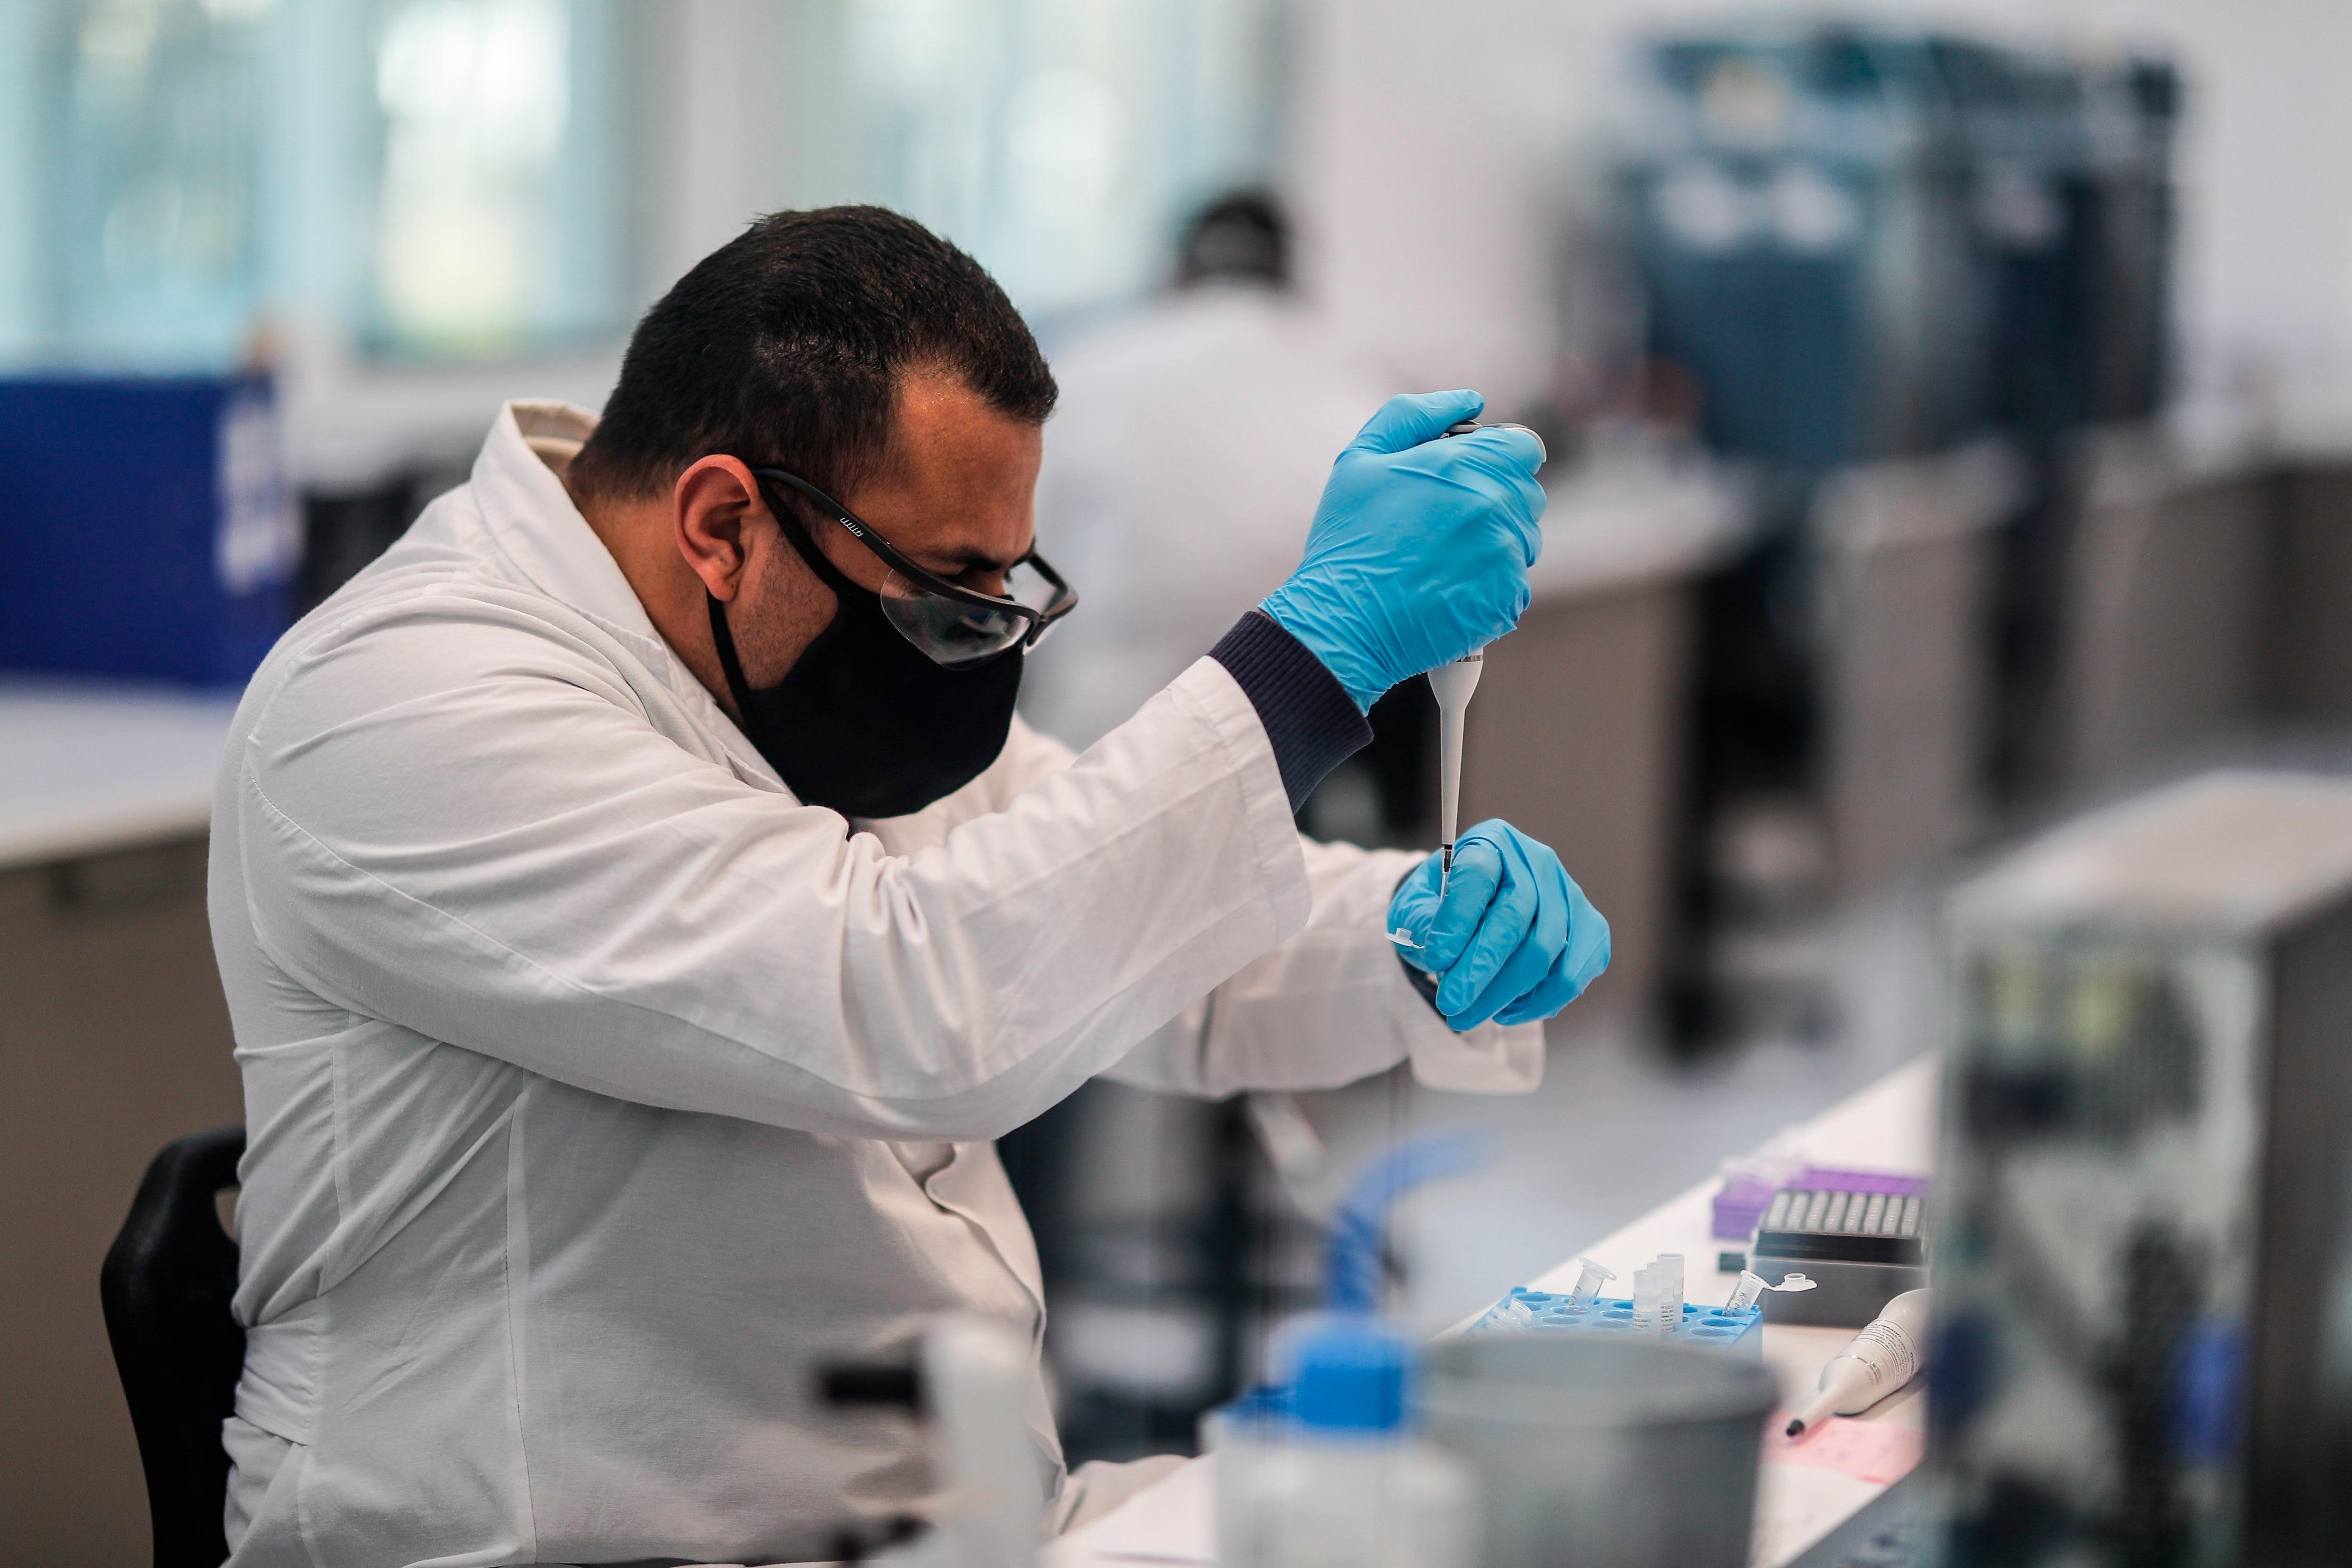 Existe una fuerte evidencia de que el abuso crónico de etanol se asocia con una mayor morbilidad y mortalidad, inmunosupresión y una mayor susceptibilidad a infecciones bacterianas y virales (EFE/Juan Ignacio Roncoroni/Archivo)